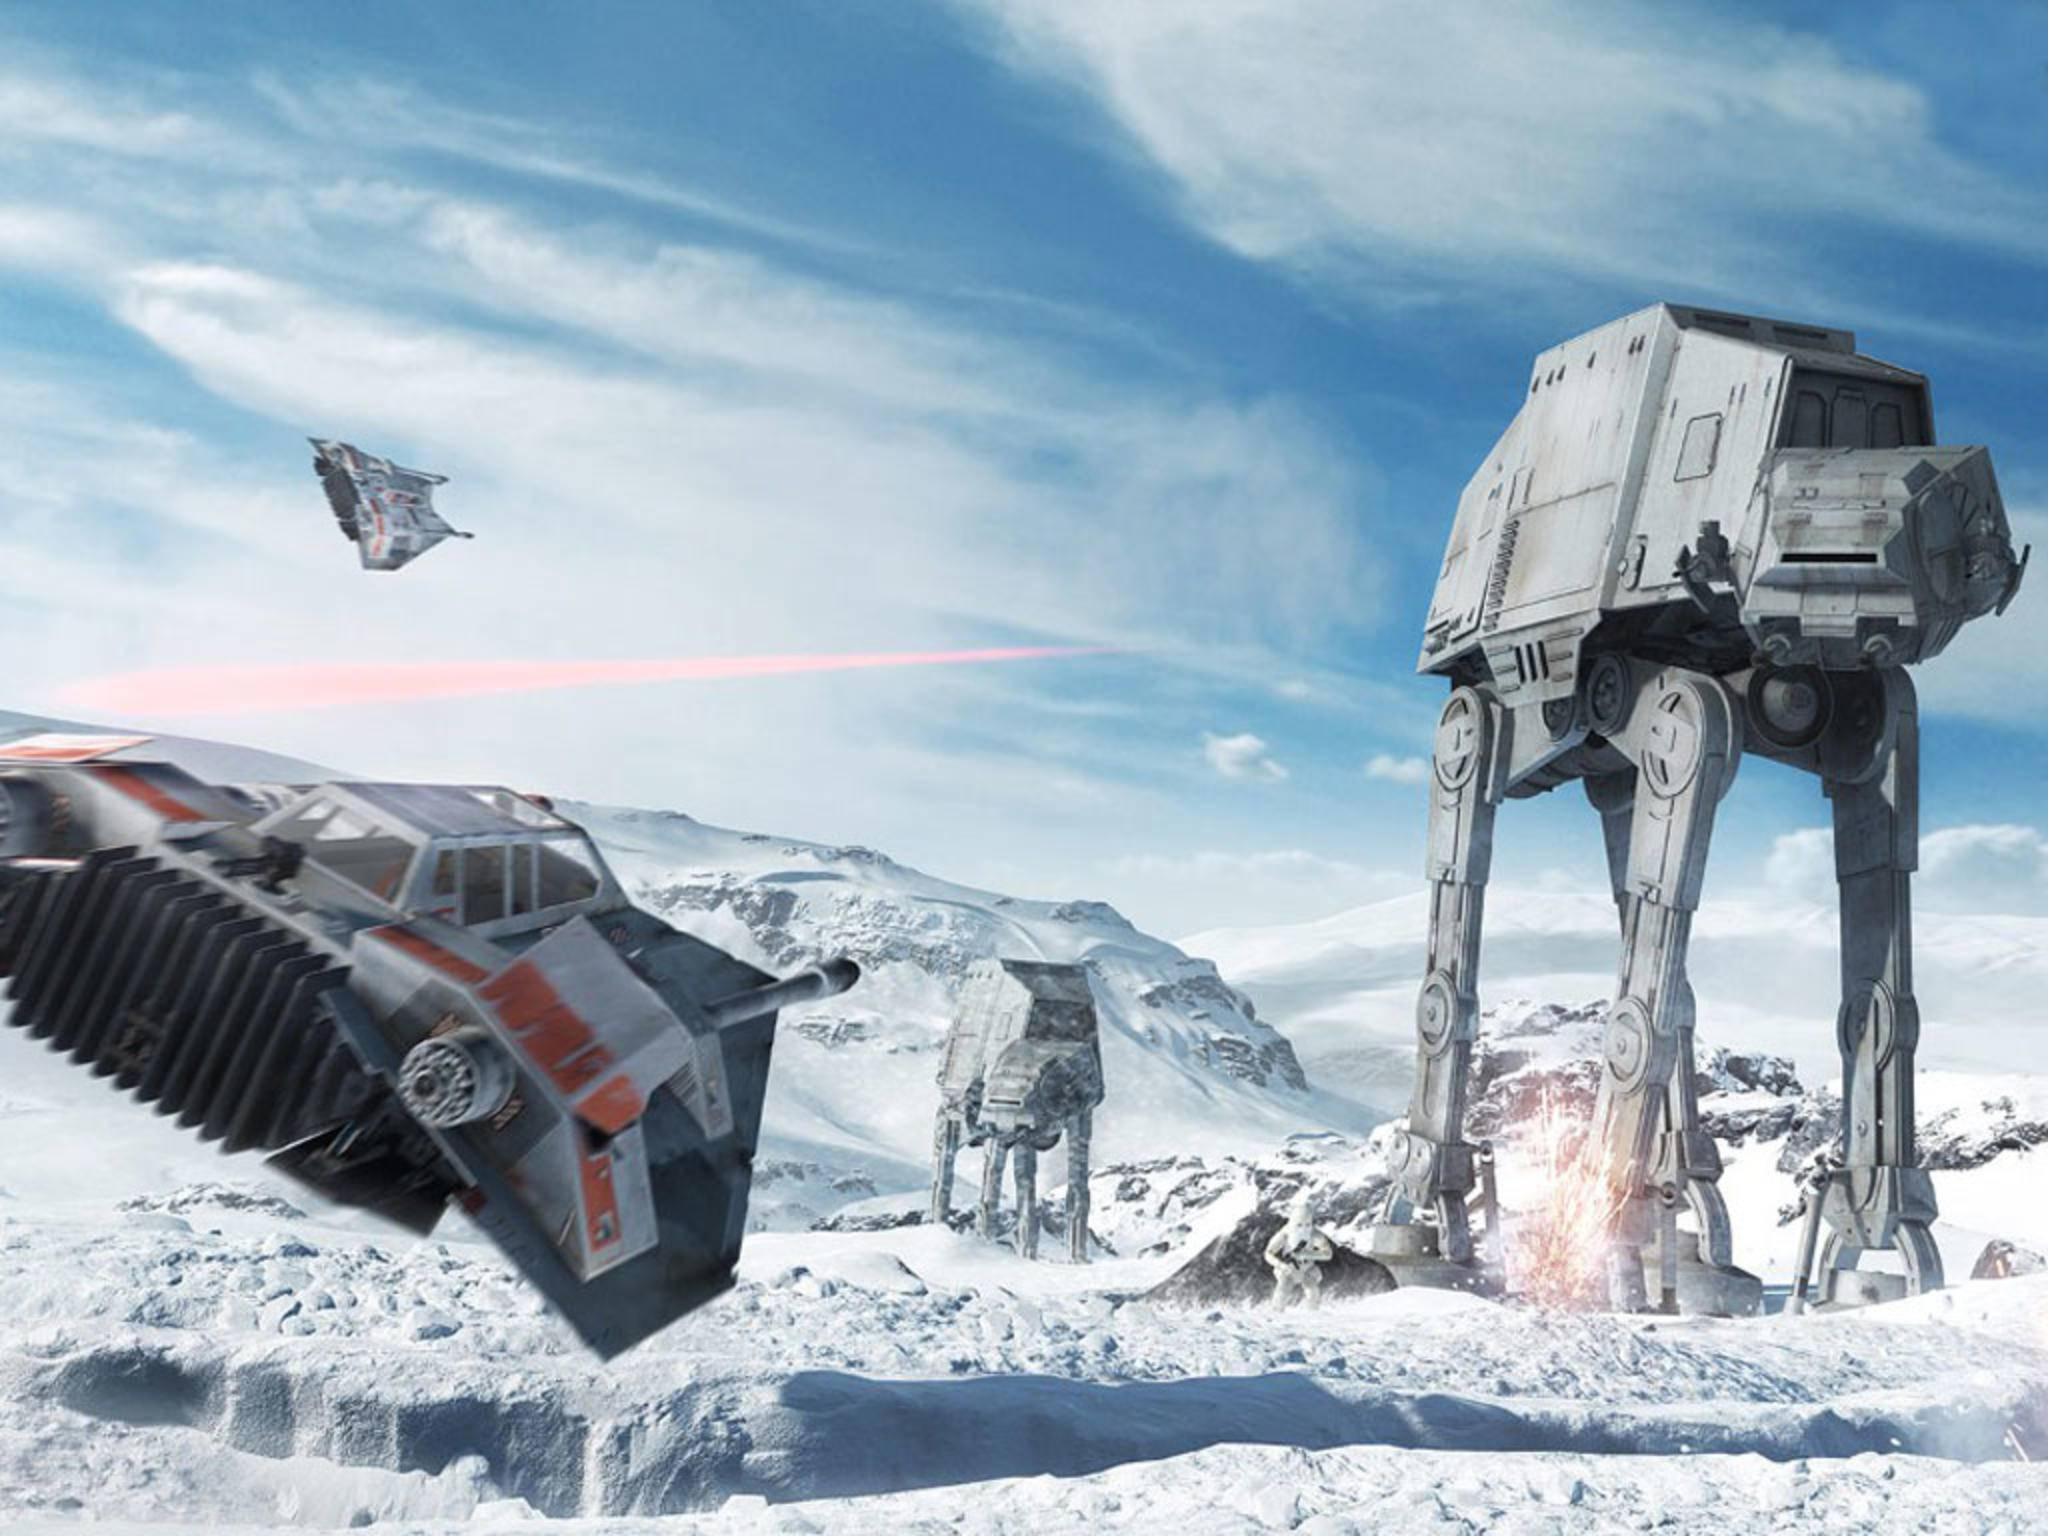 Star wars Battlefront auf der E3 gezeigt.